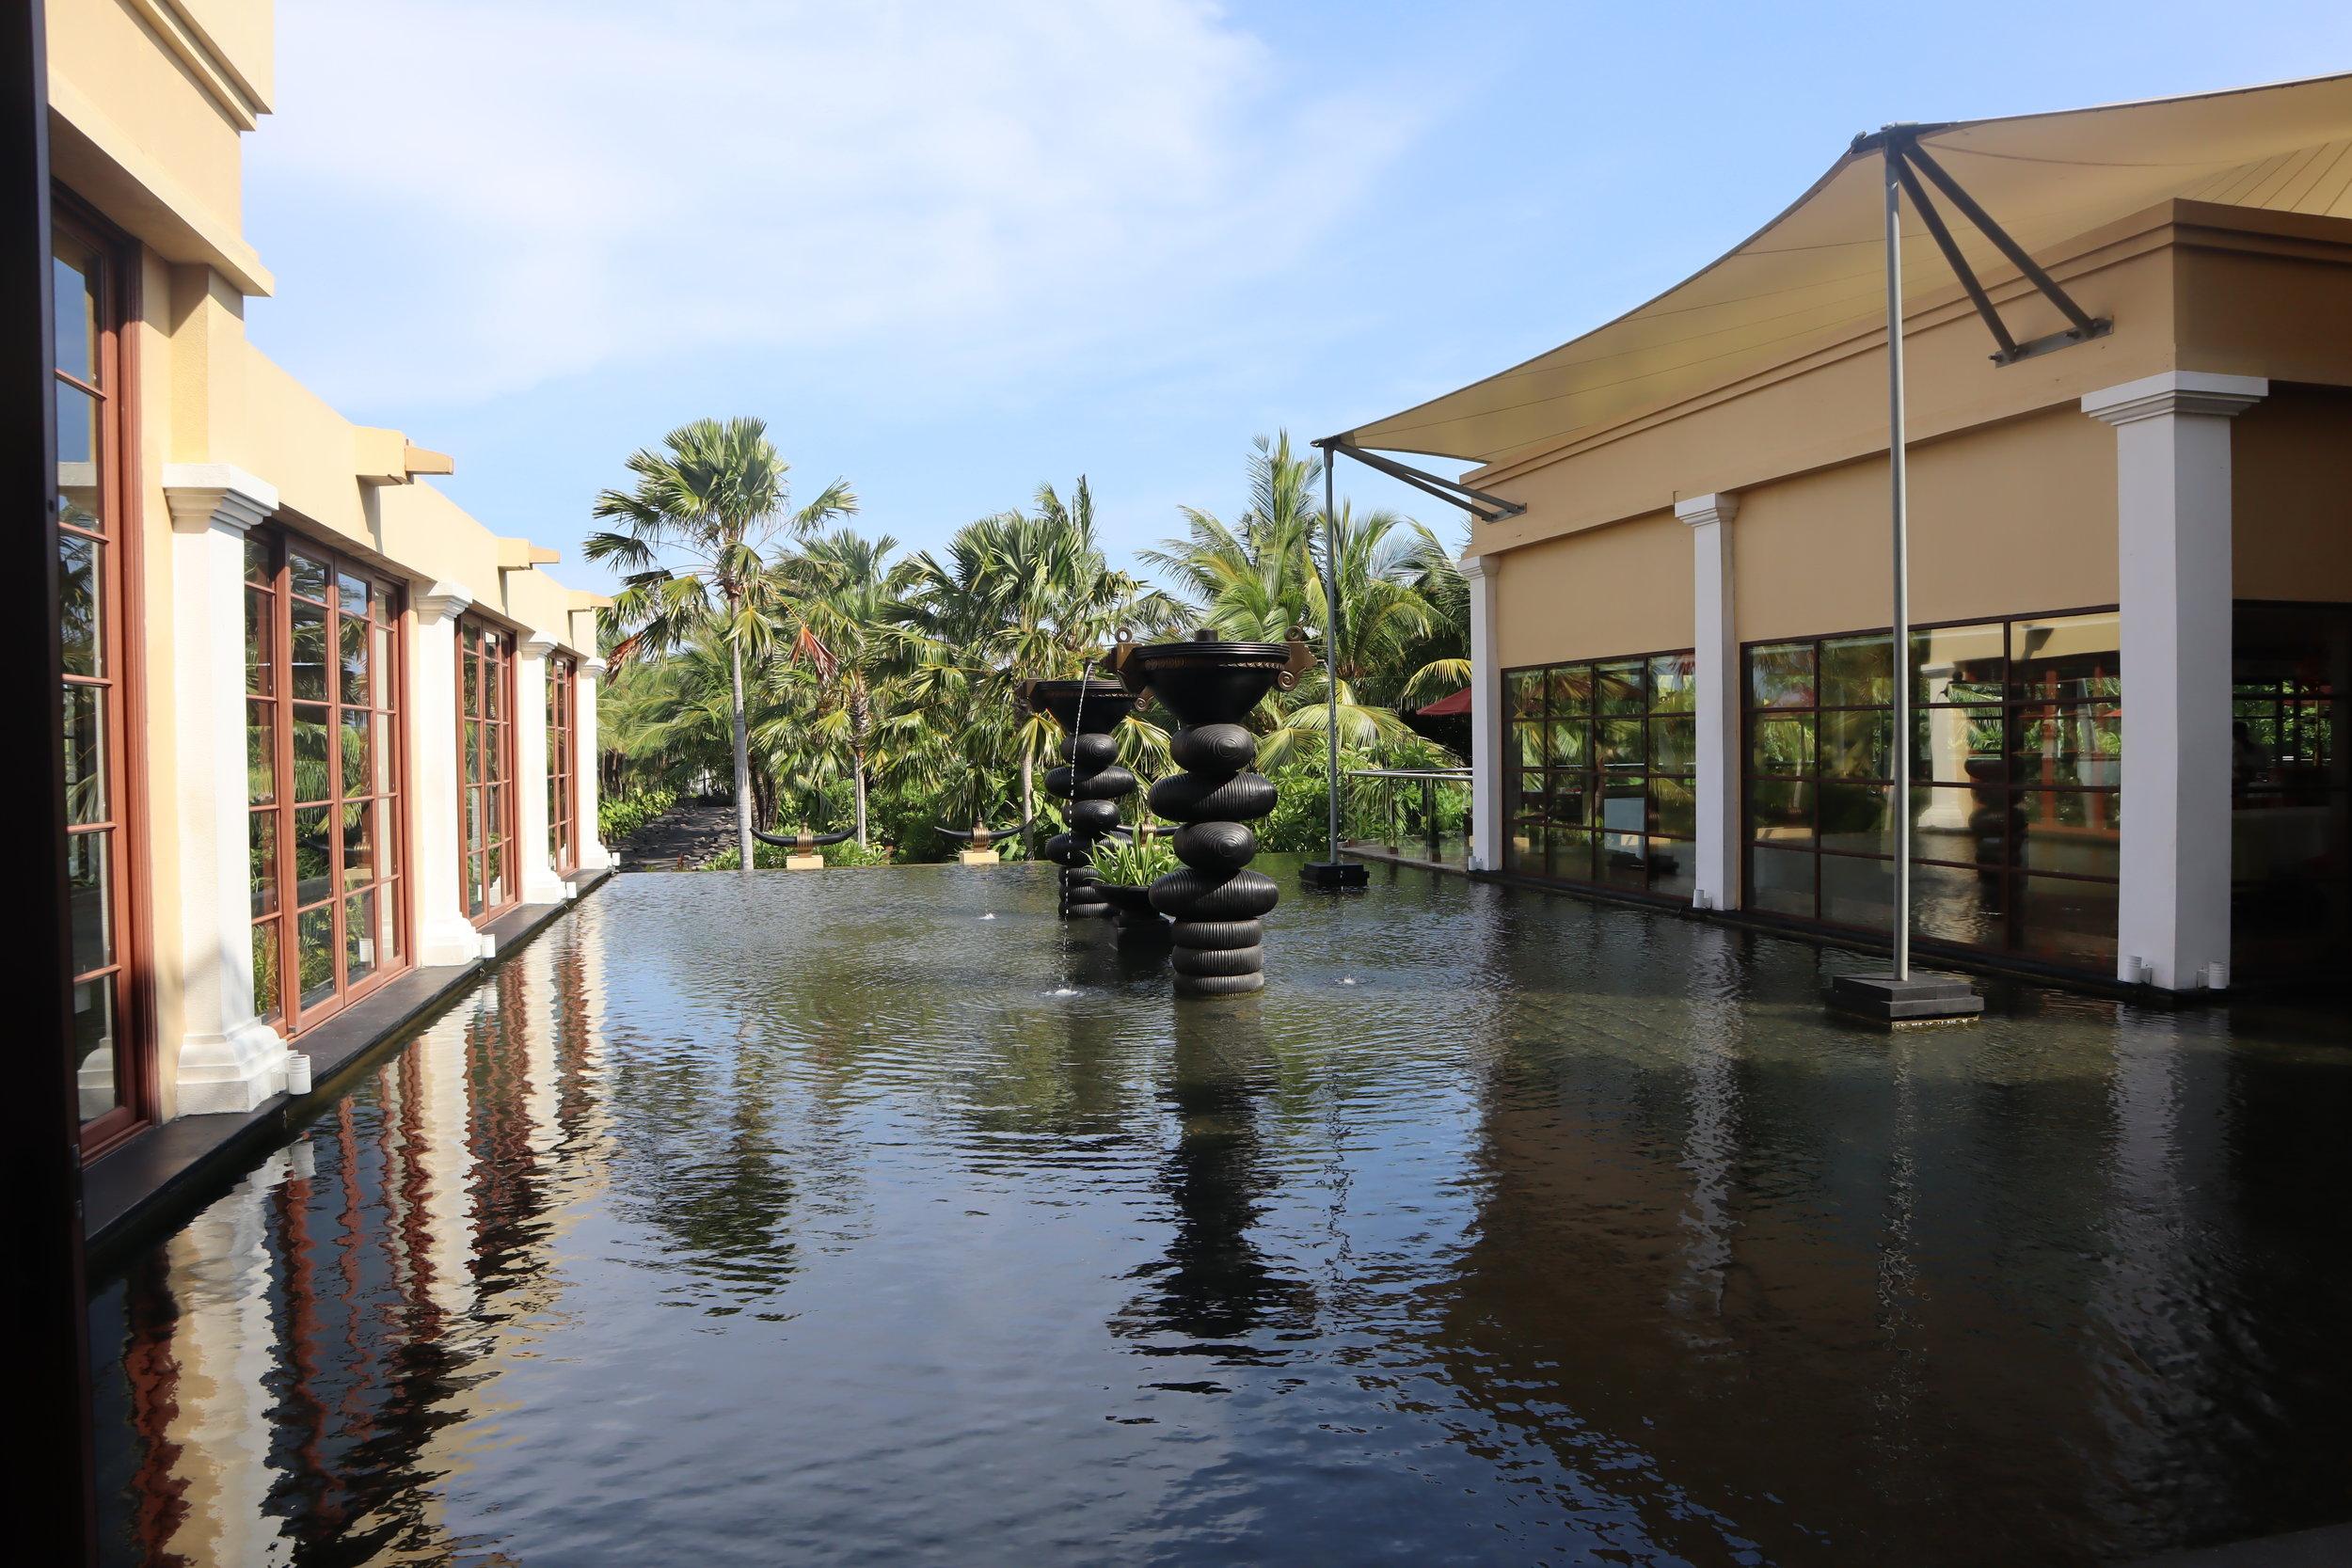 St. Regis Bali – Water display